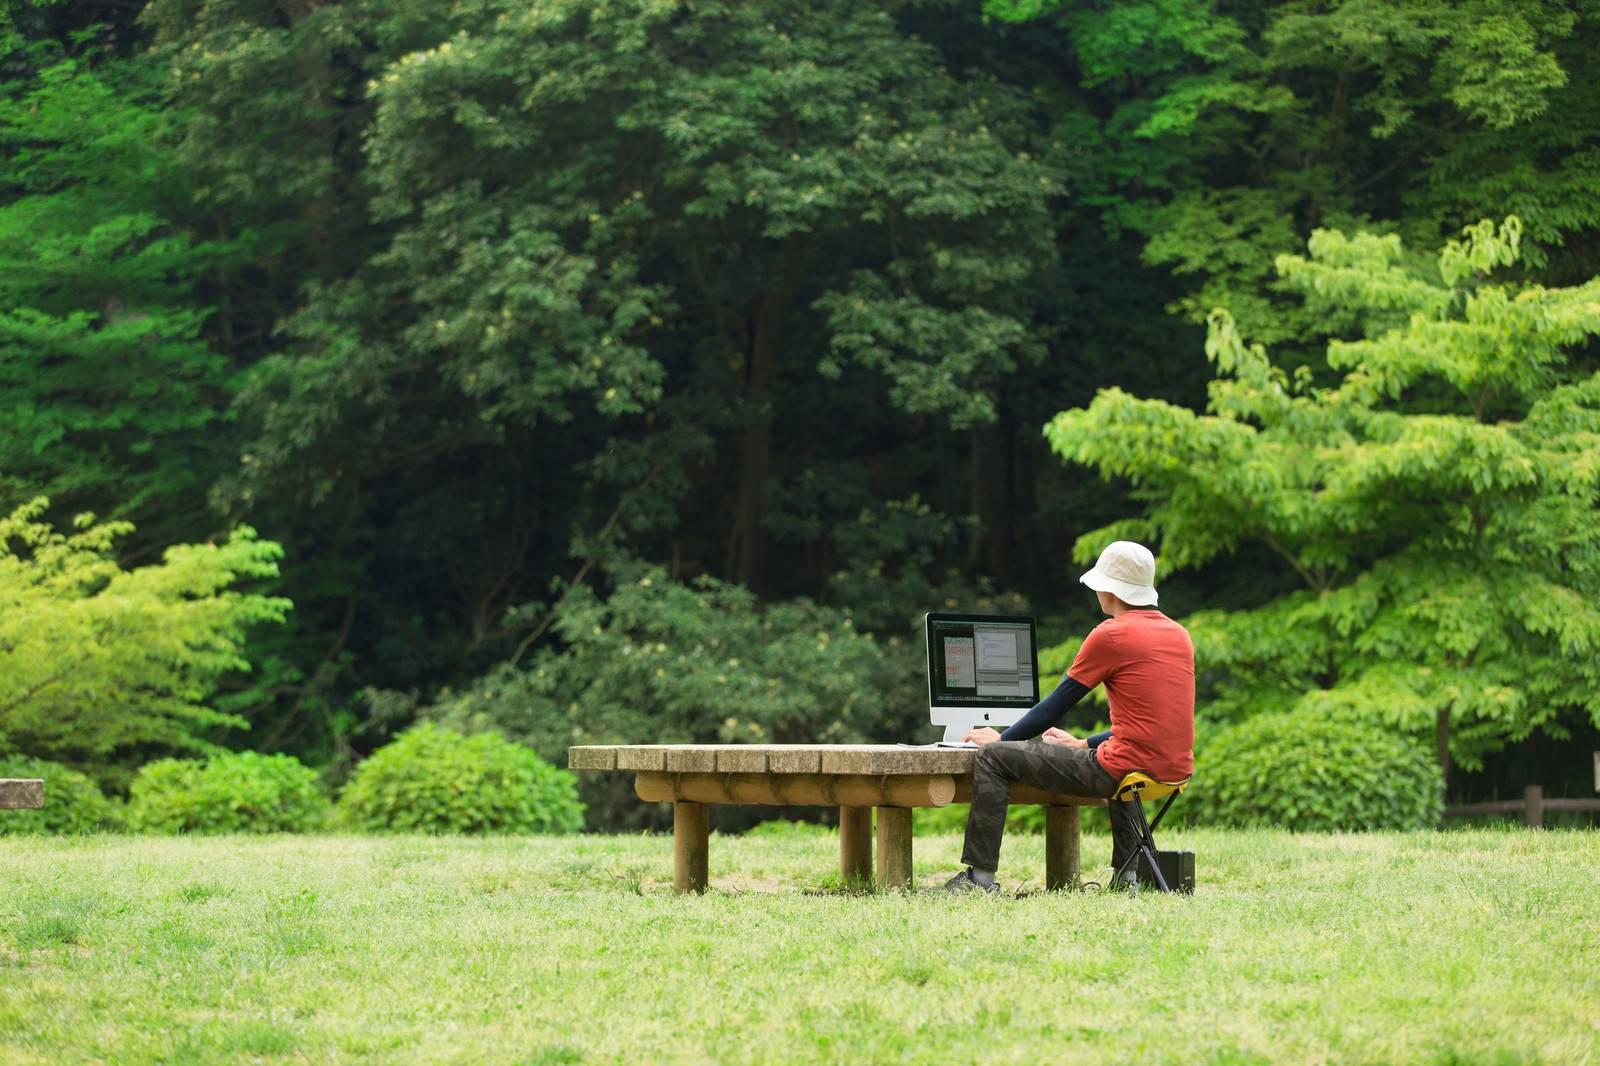 「大自然のなかでコーディングしているWebデザイナー」の写真